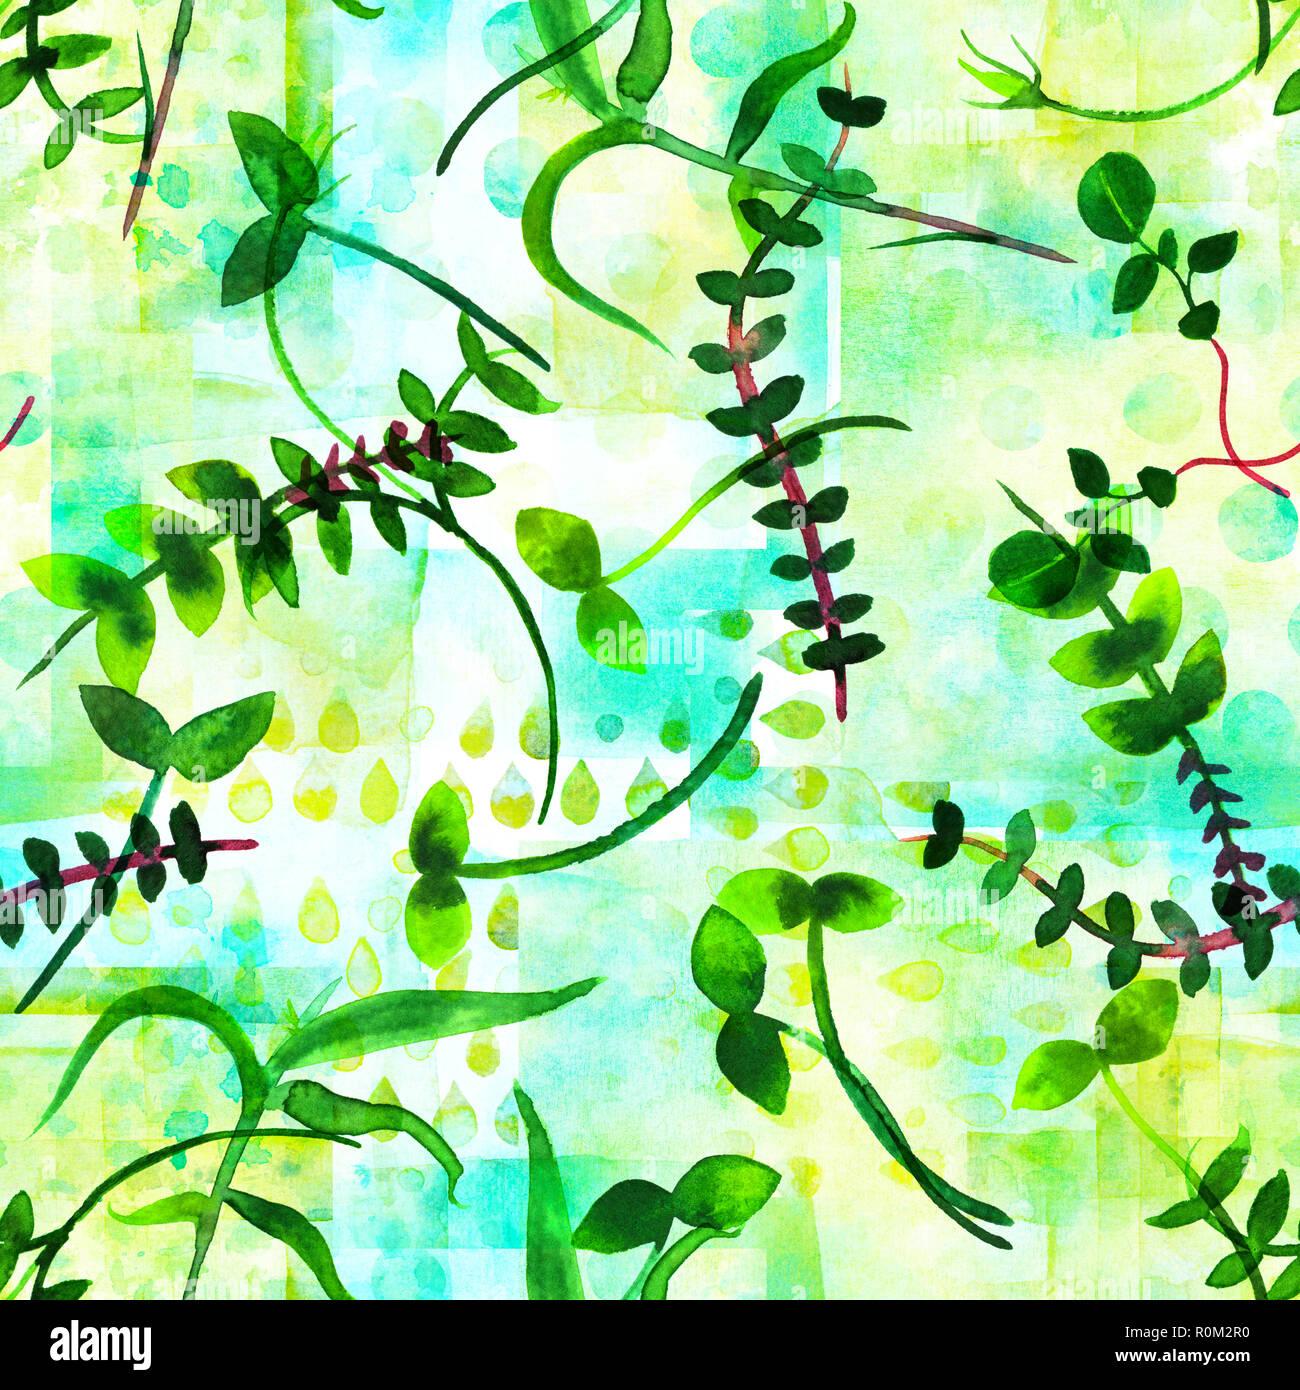 Un patrón sin fisuras teal verde con ramas y hojas de acuarela, una impresión de repetición en una colcha de fondo Foto de stock